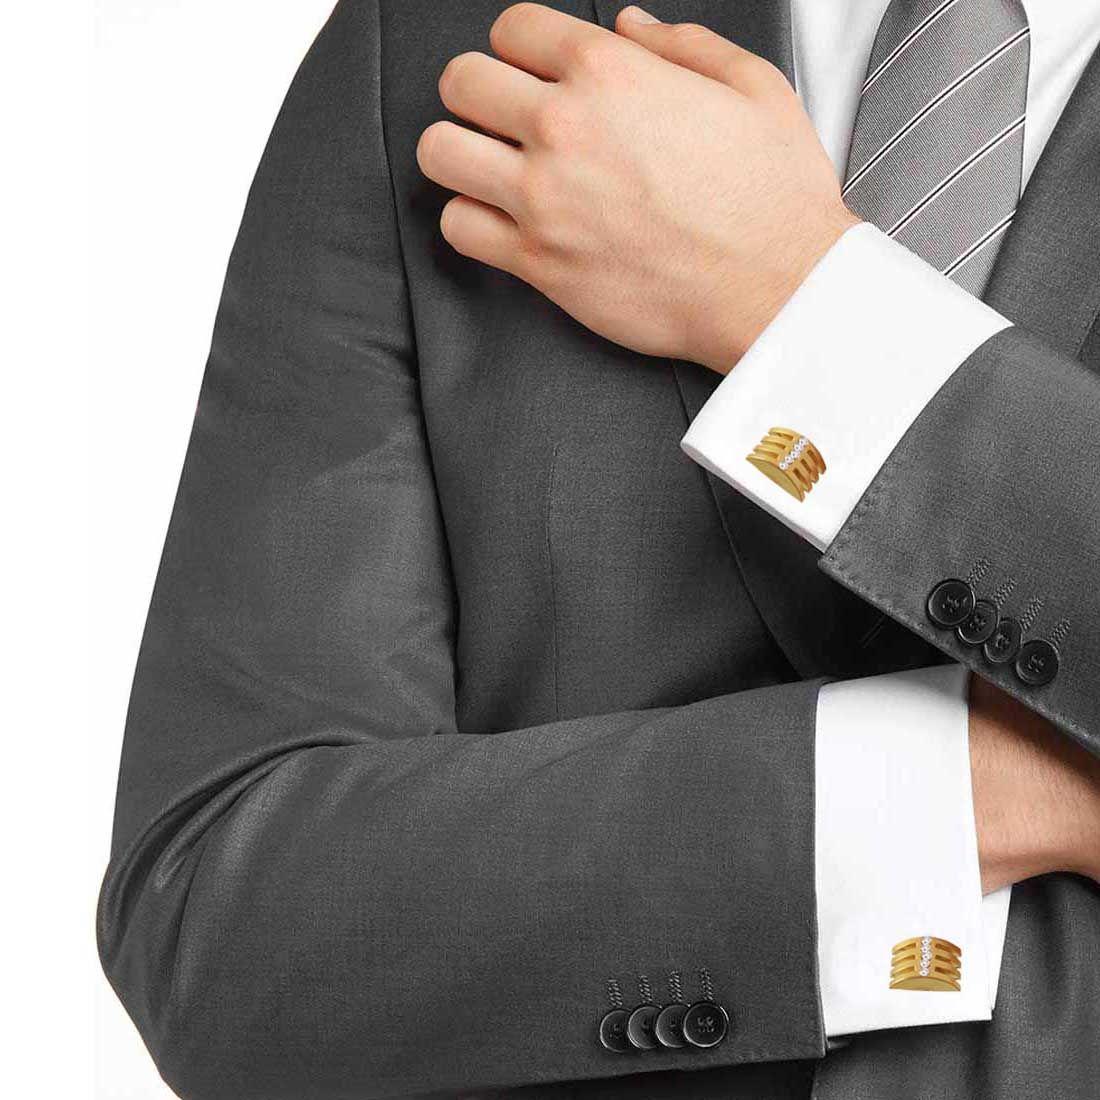 Cufflinks & Shirt Accessories - Men, Cufflinks, Shirt Studs, Tie Pins, Tie  Clips, Jewellery,cufflinks for men,mens cuff… | Cufflinks men, Cufflinks, Cufflinks  shirt